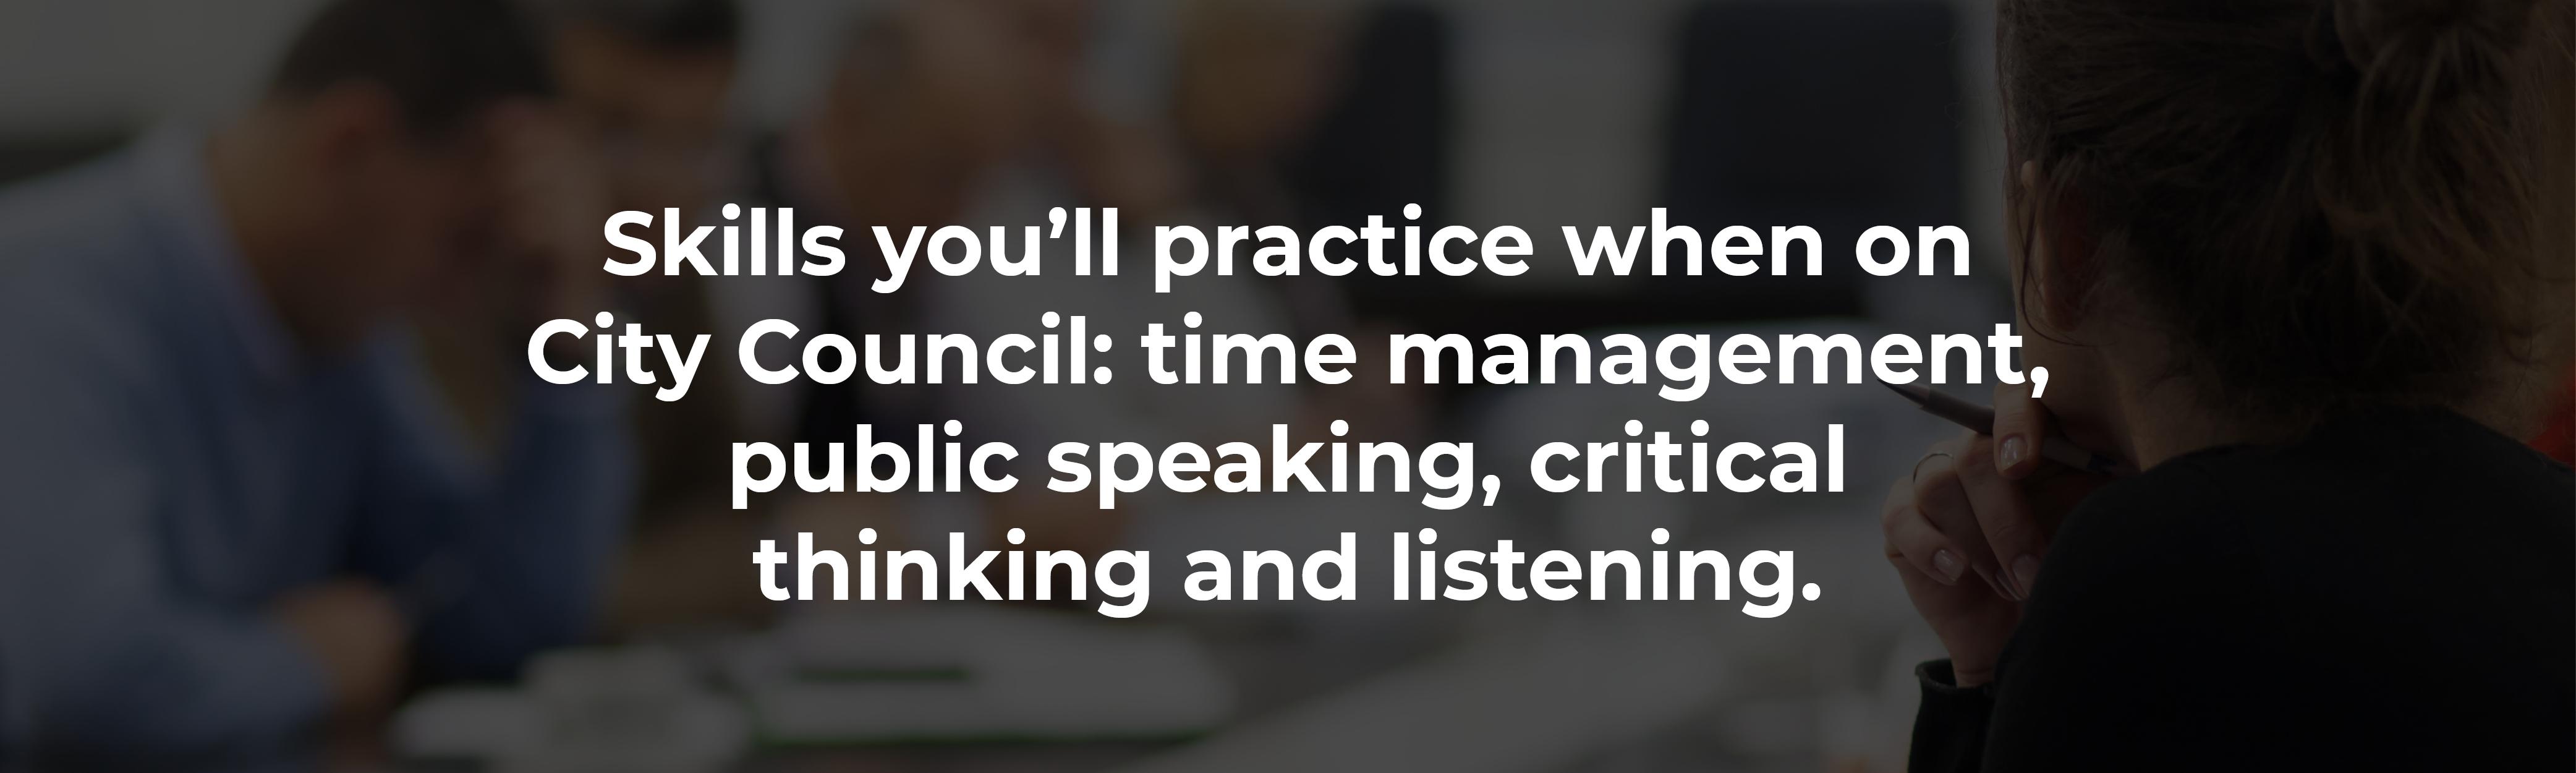 City Council skills